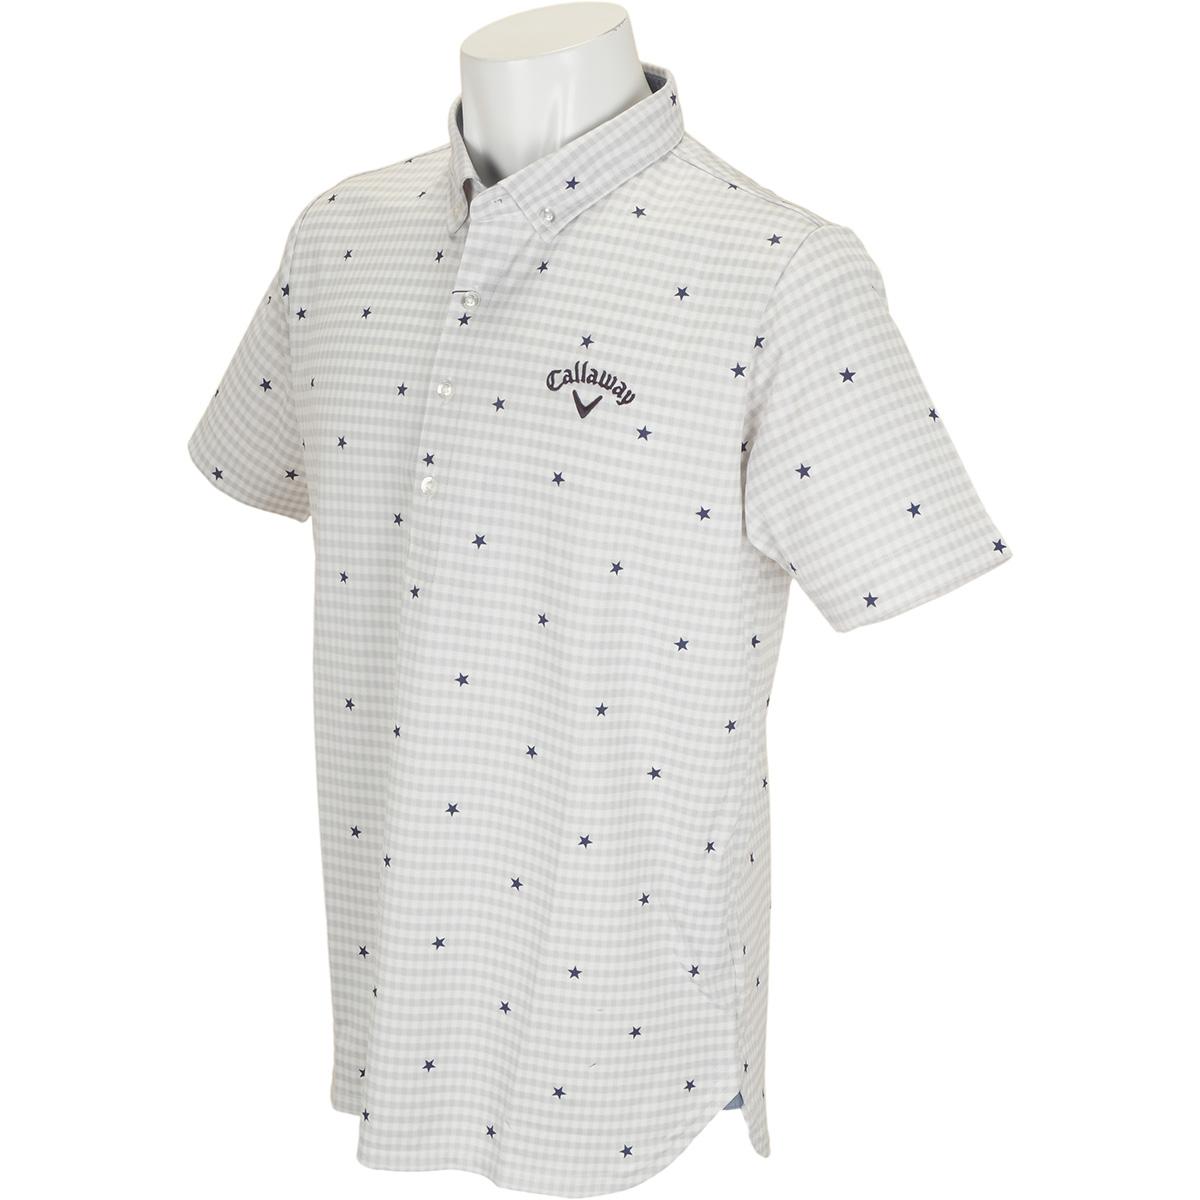 ボタンダウン -2度COOLギンガム カラー半袖ポロシャツ